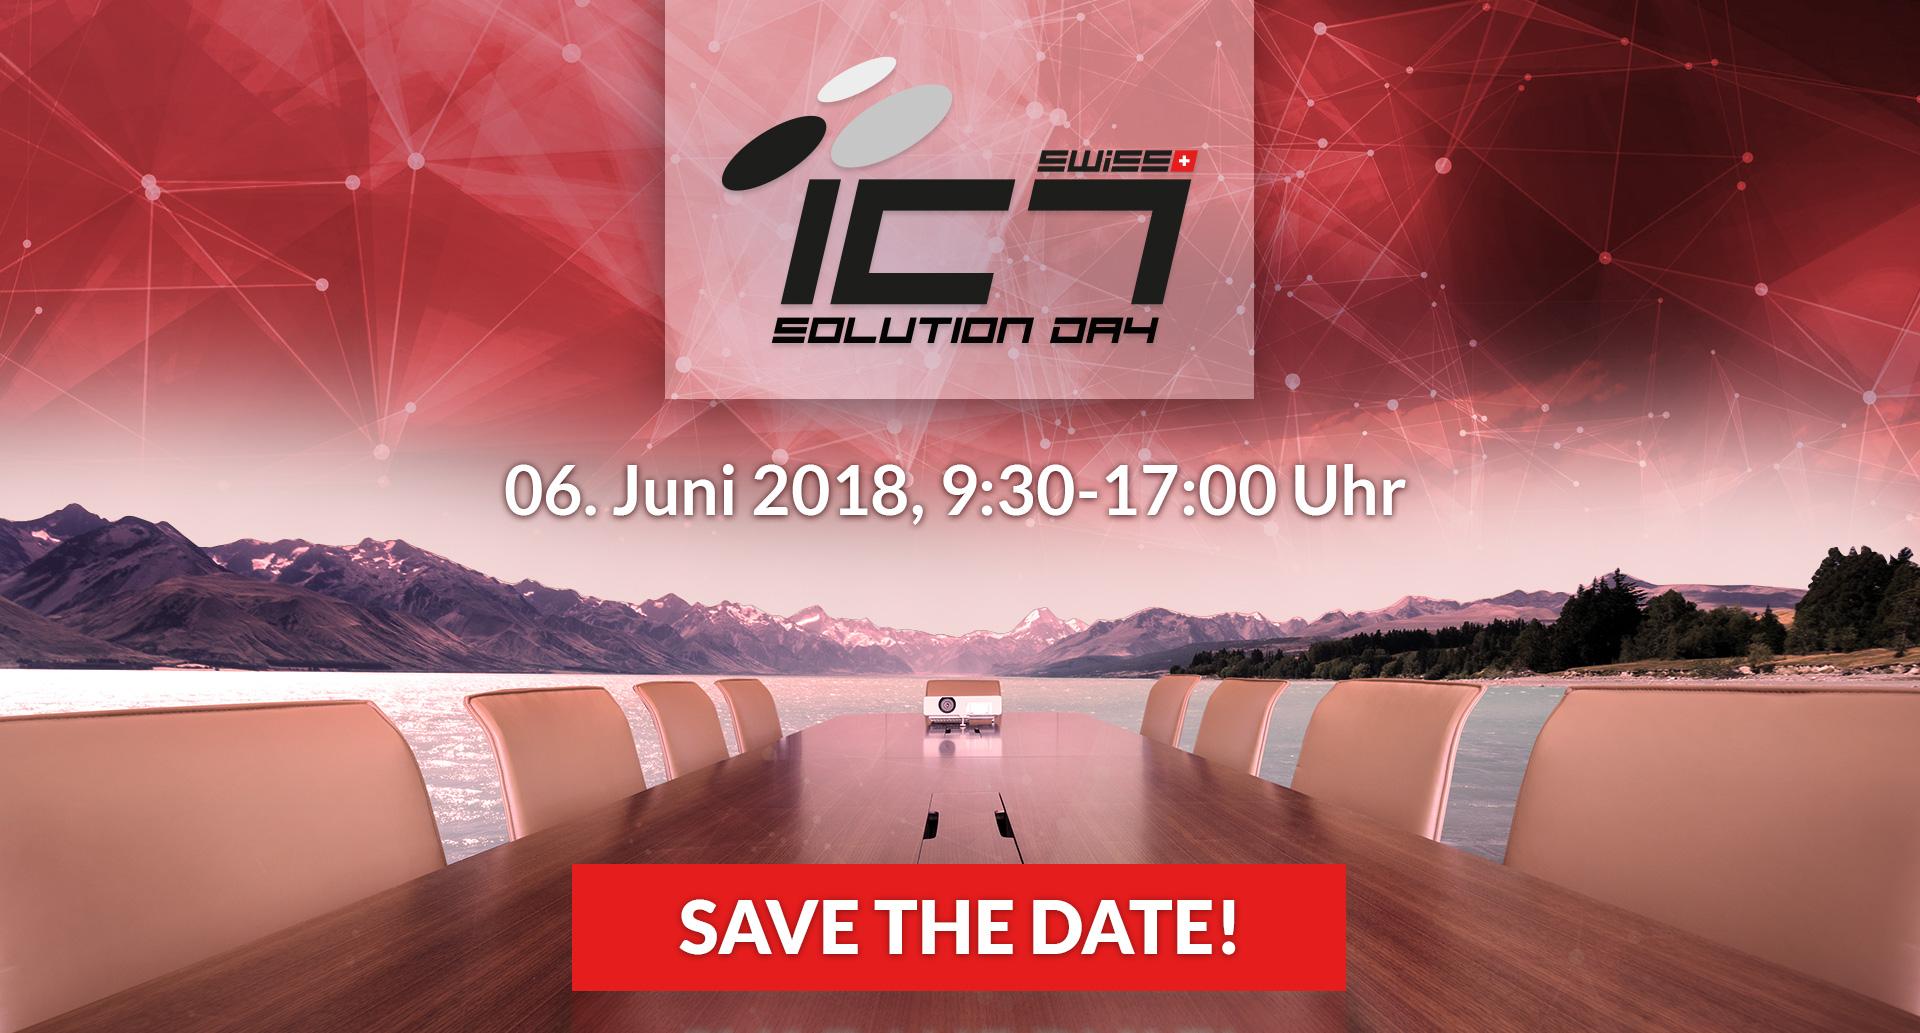 Ict schweiz allnet roadshows for Ict schweiz